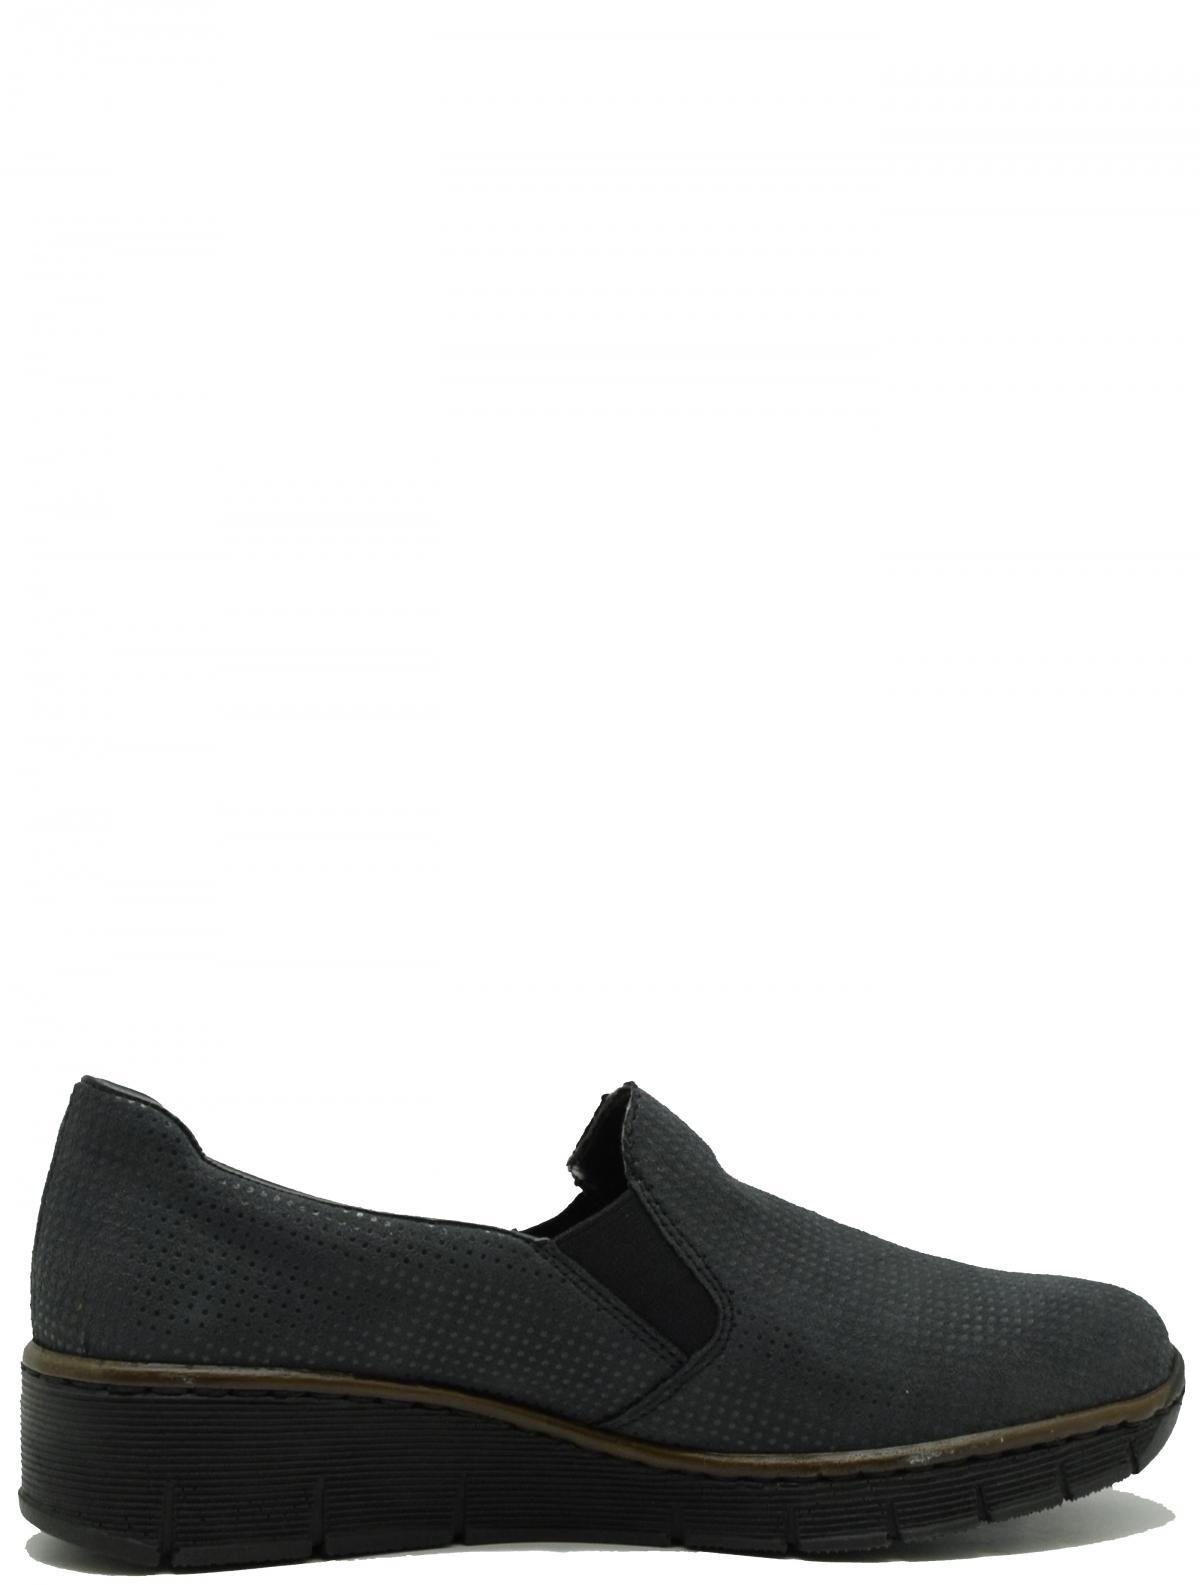 Rieker 53766-17 женские туфли